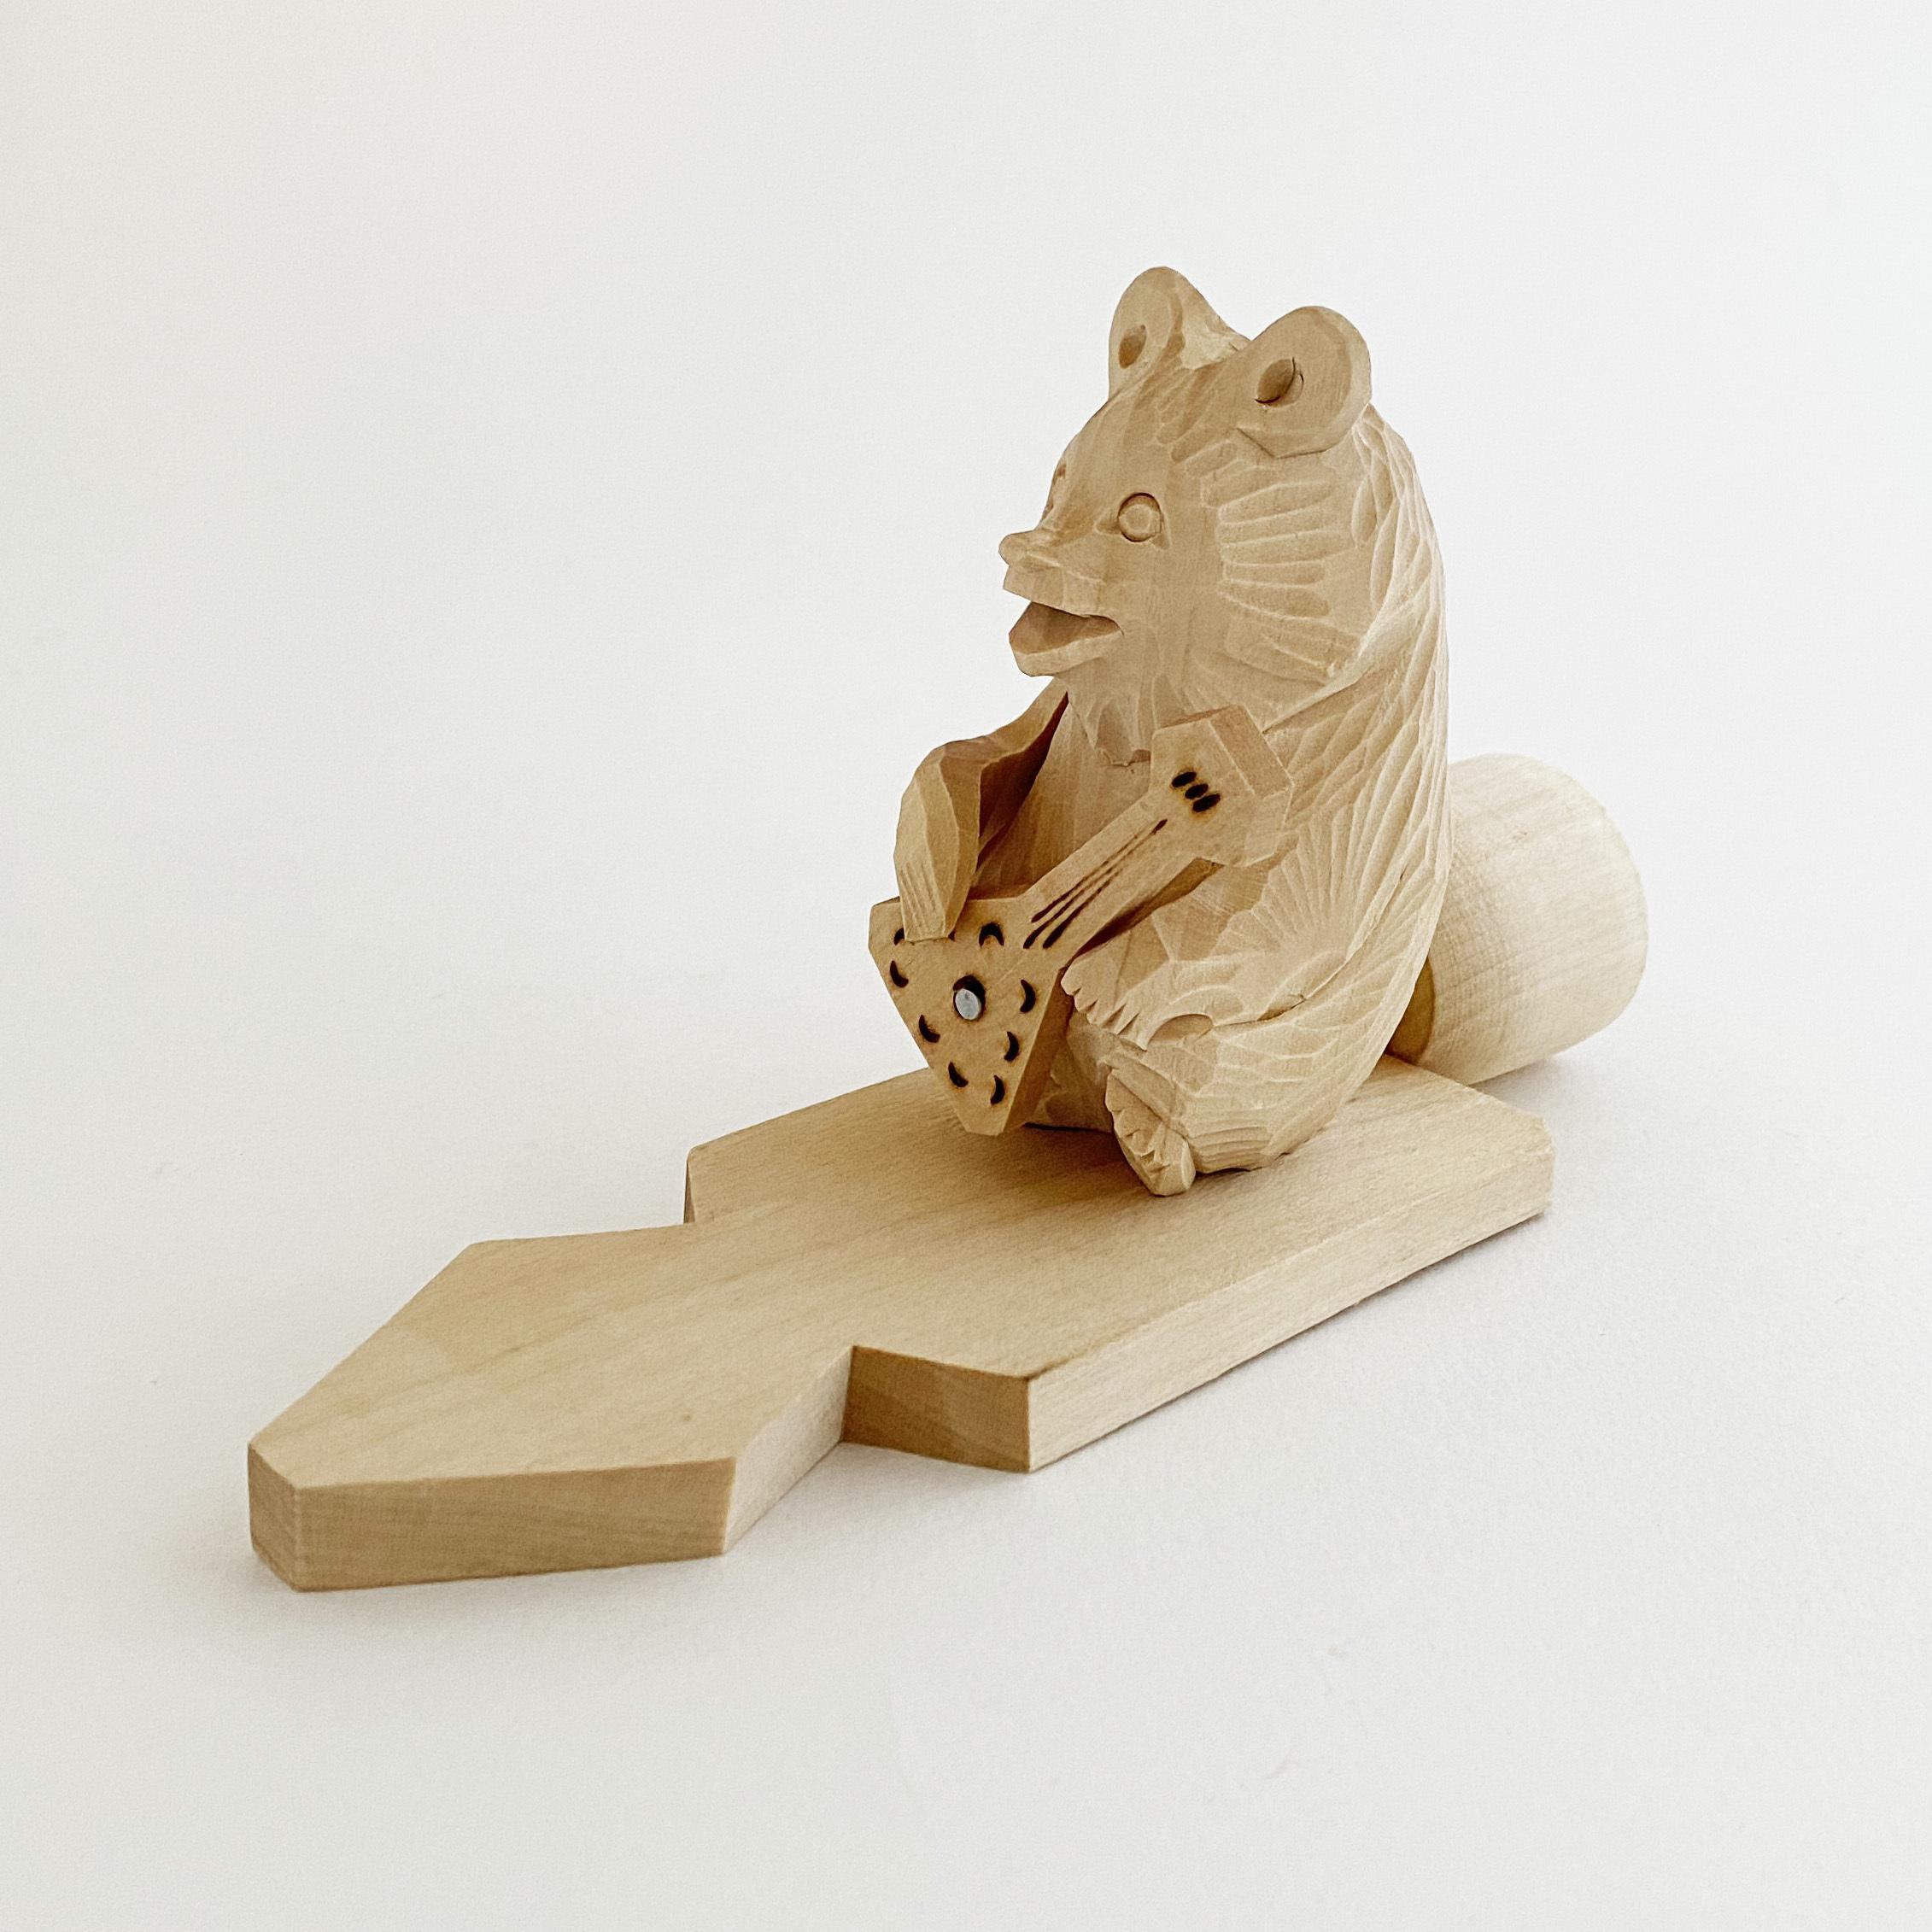 ボゴロツコエ木地玩具「クマのバラライカ弾き」